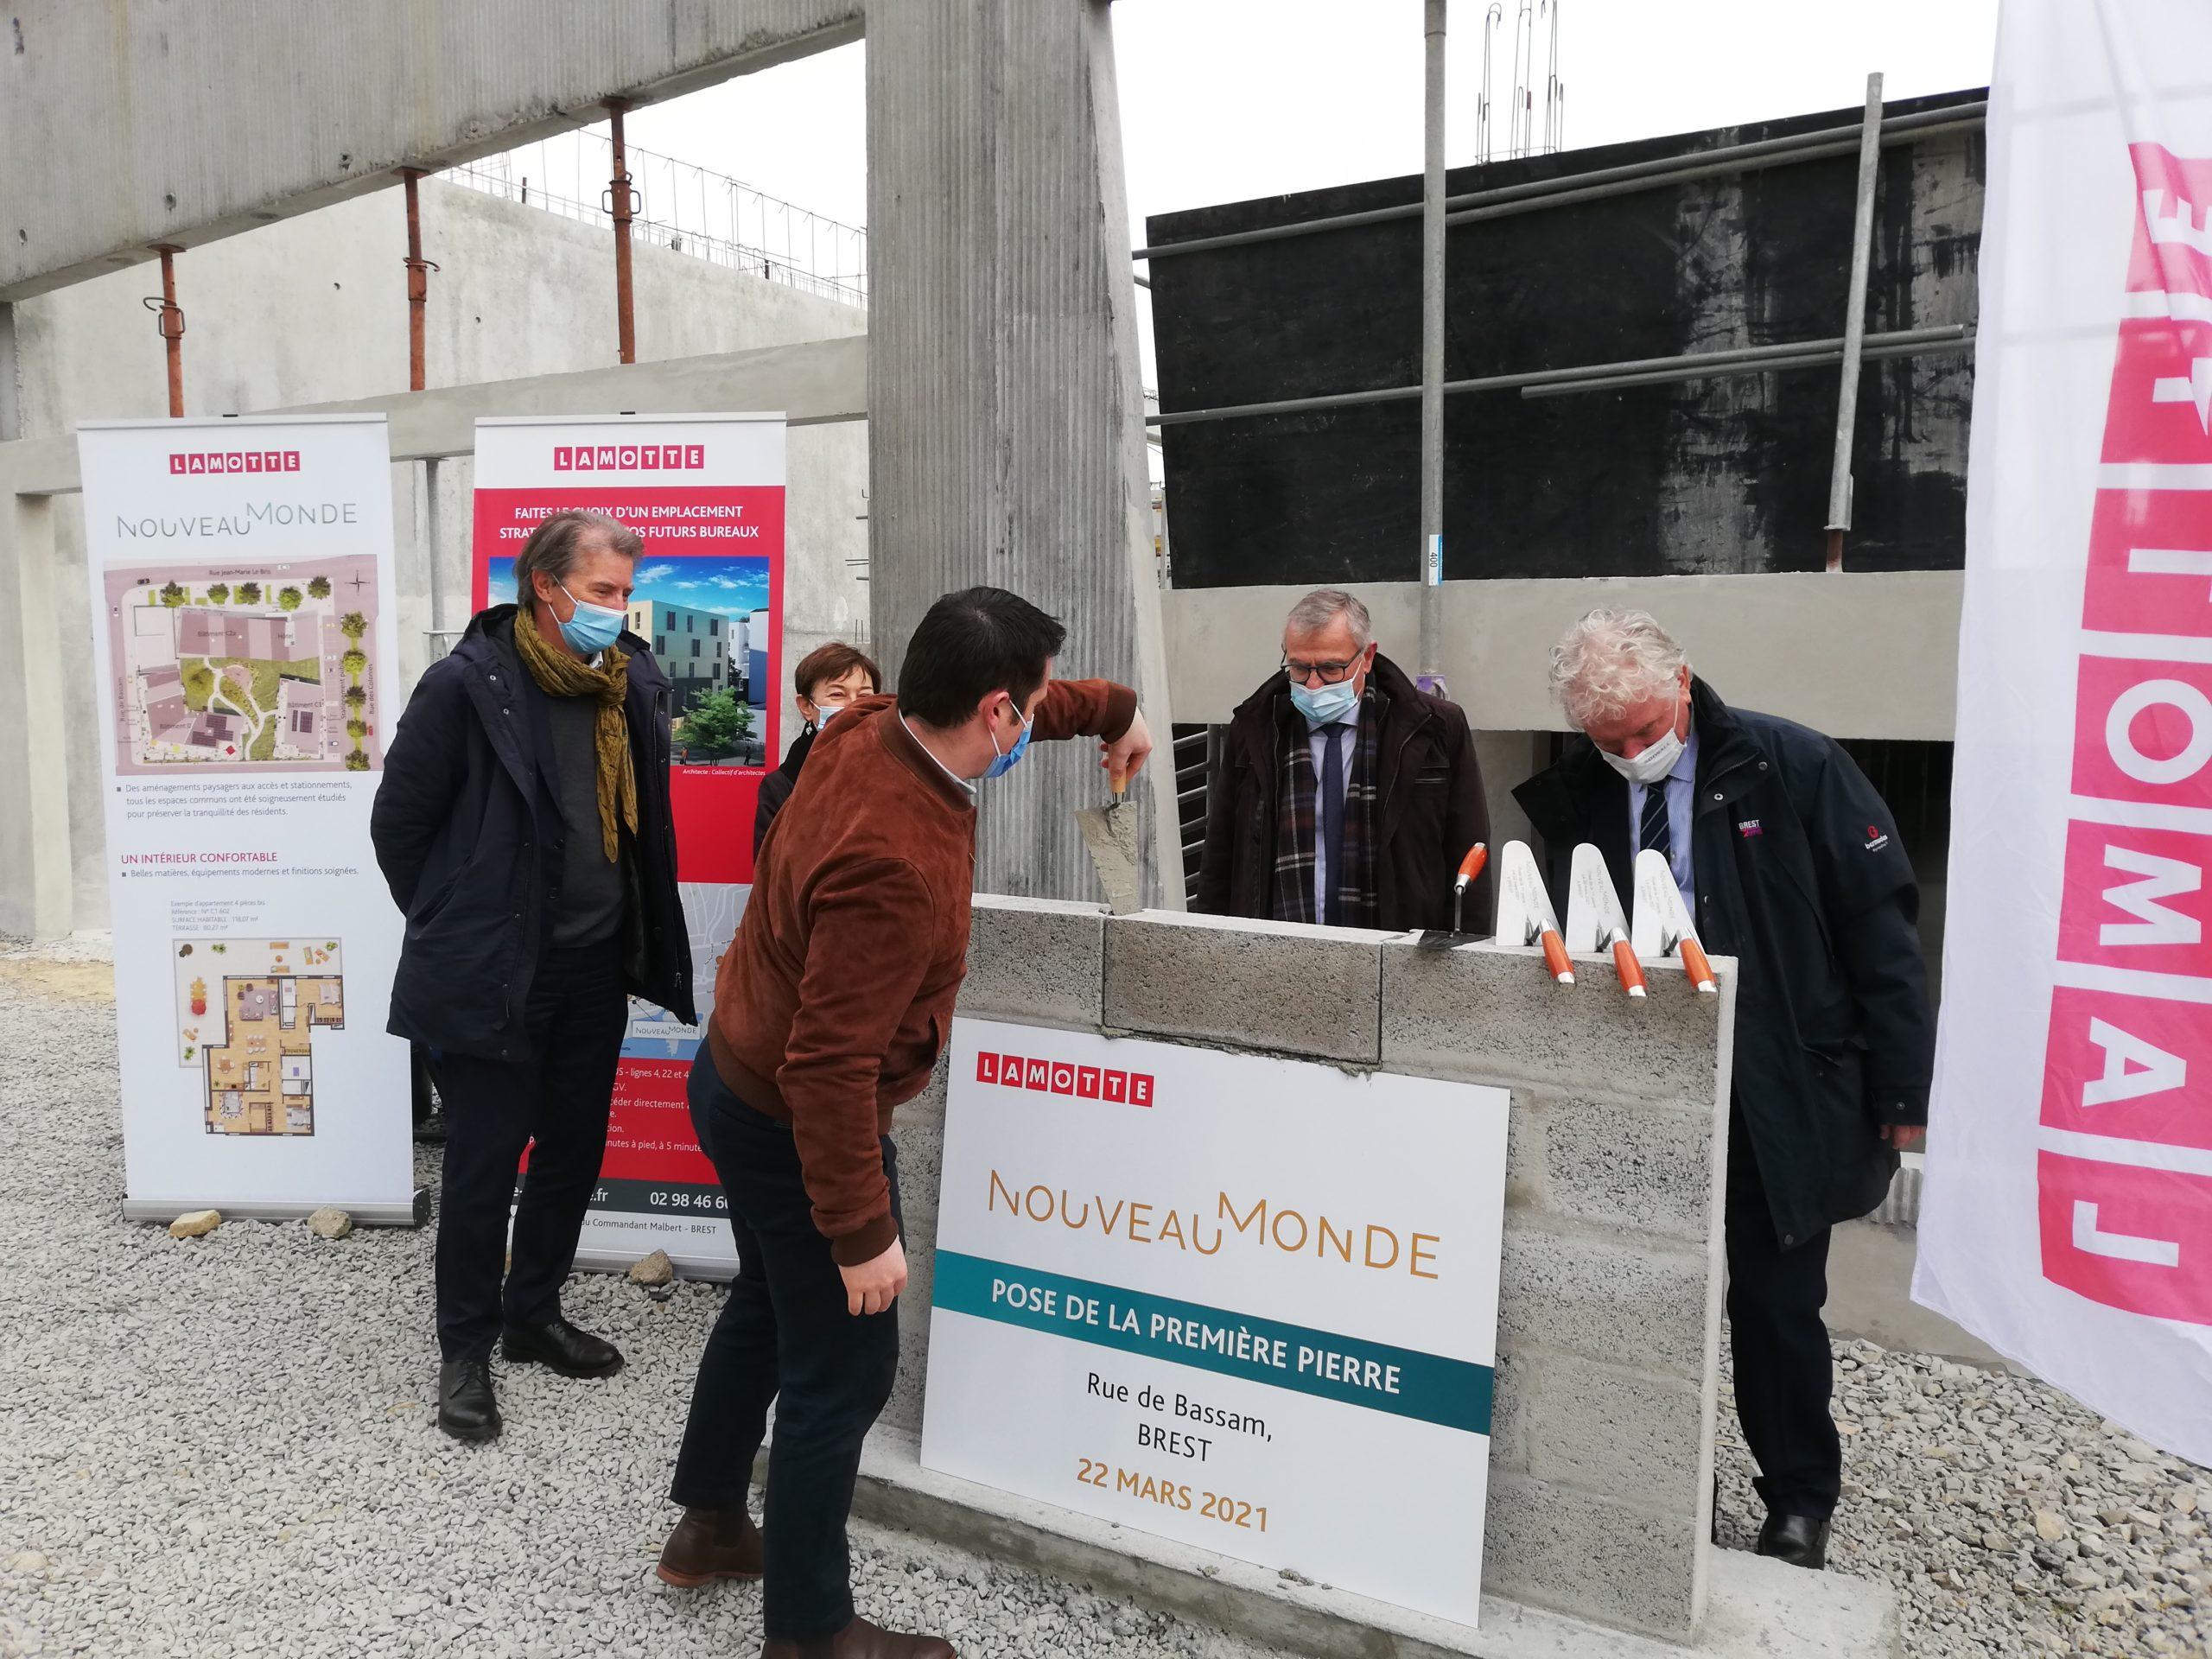 Lamotte pose la première pierre de son programme Nouveau Monde, au port de commerce de Brest